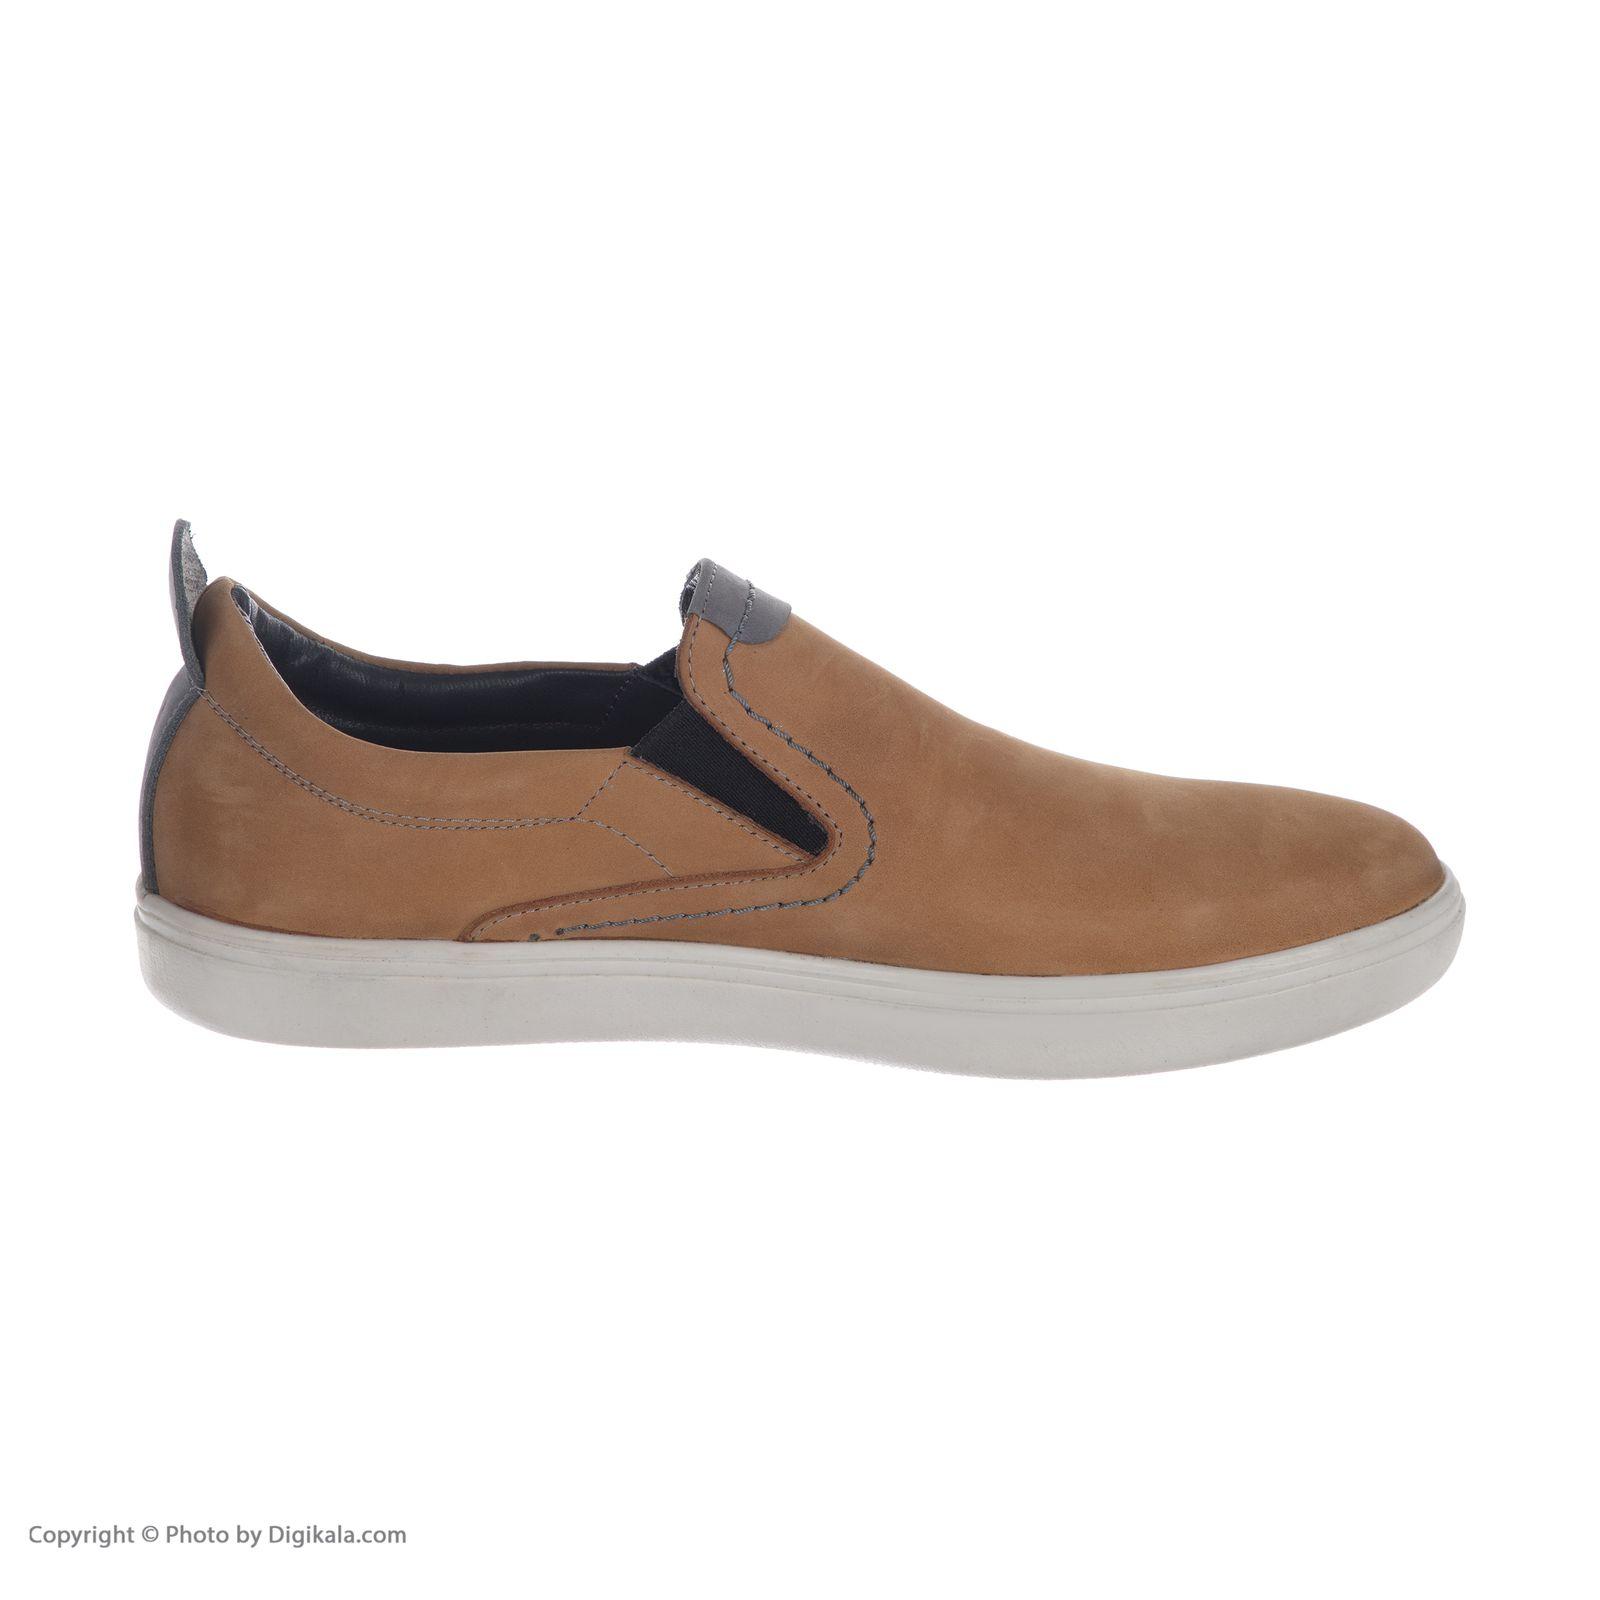 کفش روزمره مردانه دانادل مدل 8613A503136 -  - 3